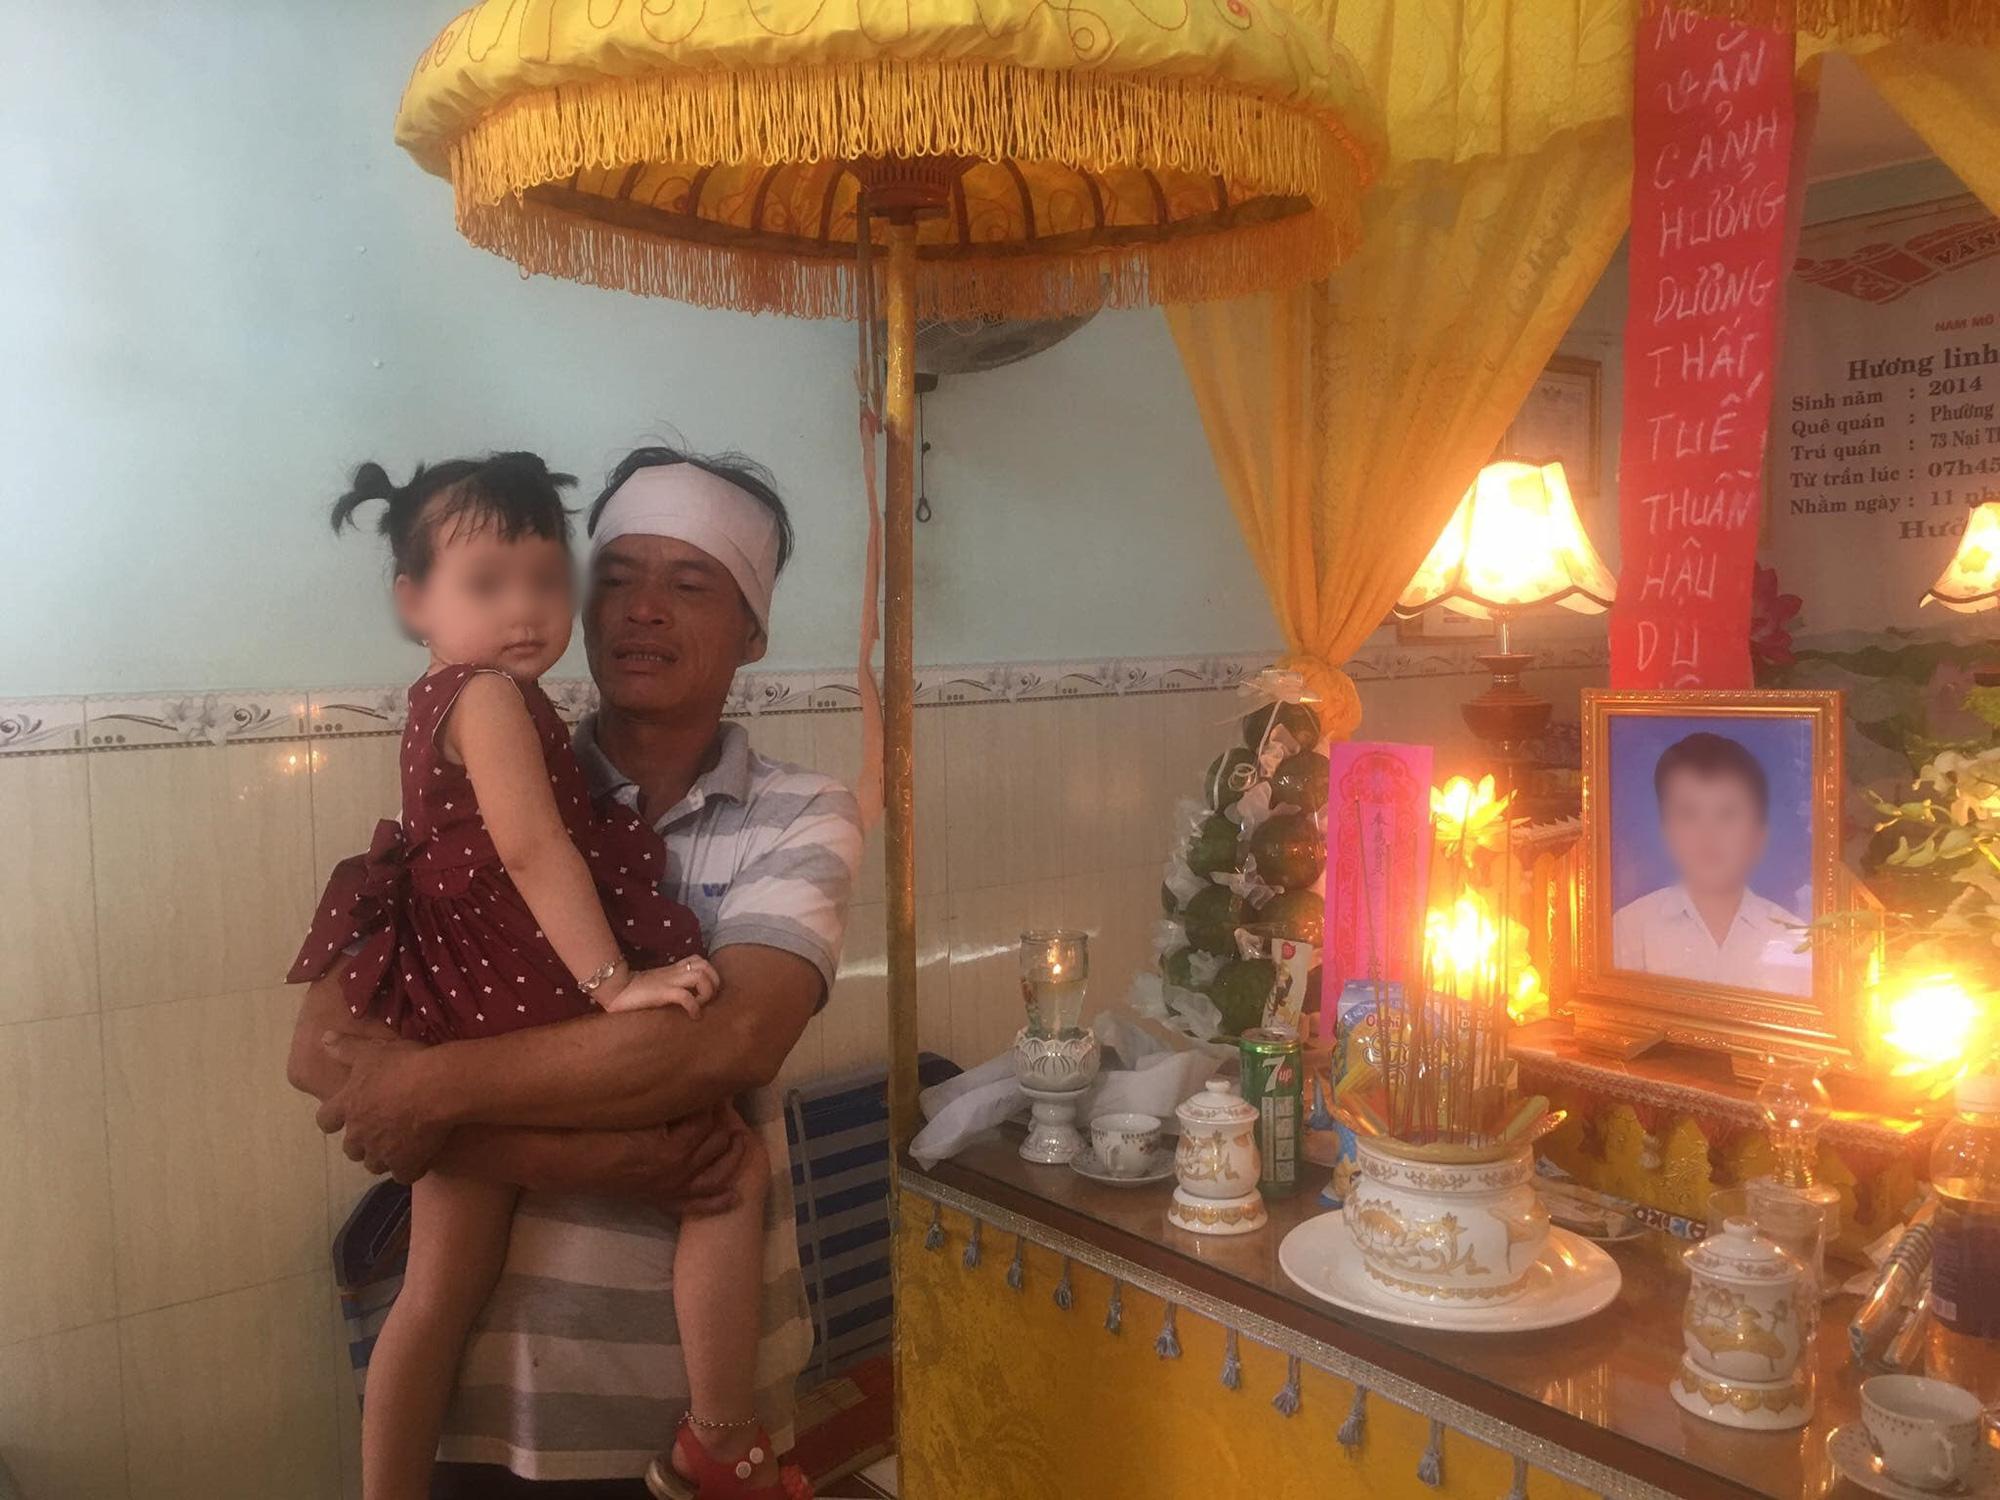 Vụ container cán xe máy khiến bé trai 6 tuổi tử vong, mẹ nguy kịch ở Đà Nẵng: Người mẹ đang mang thai, phải cưa bỏ một chân - Ảnh 1.